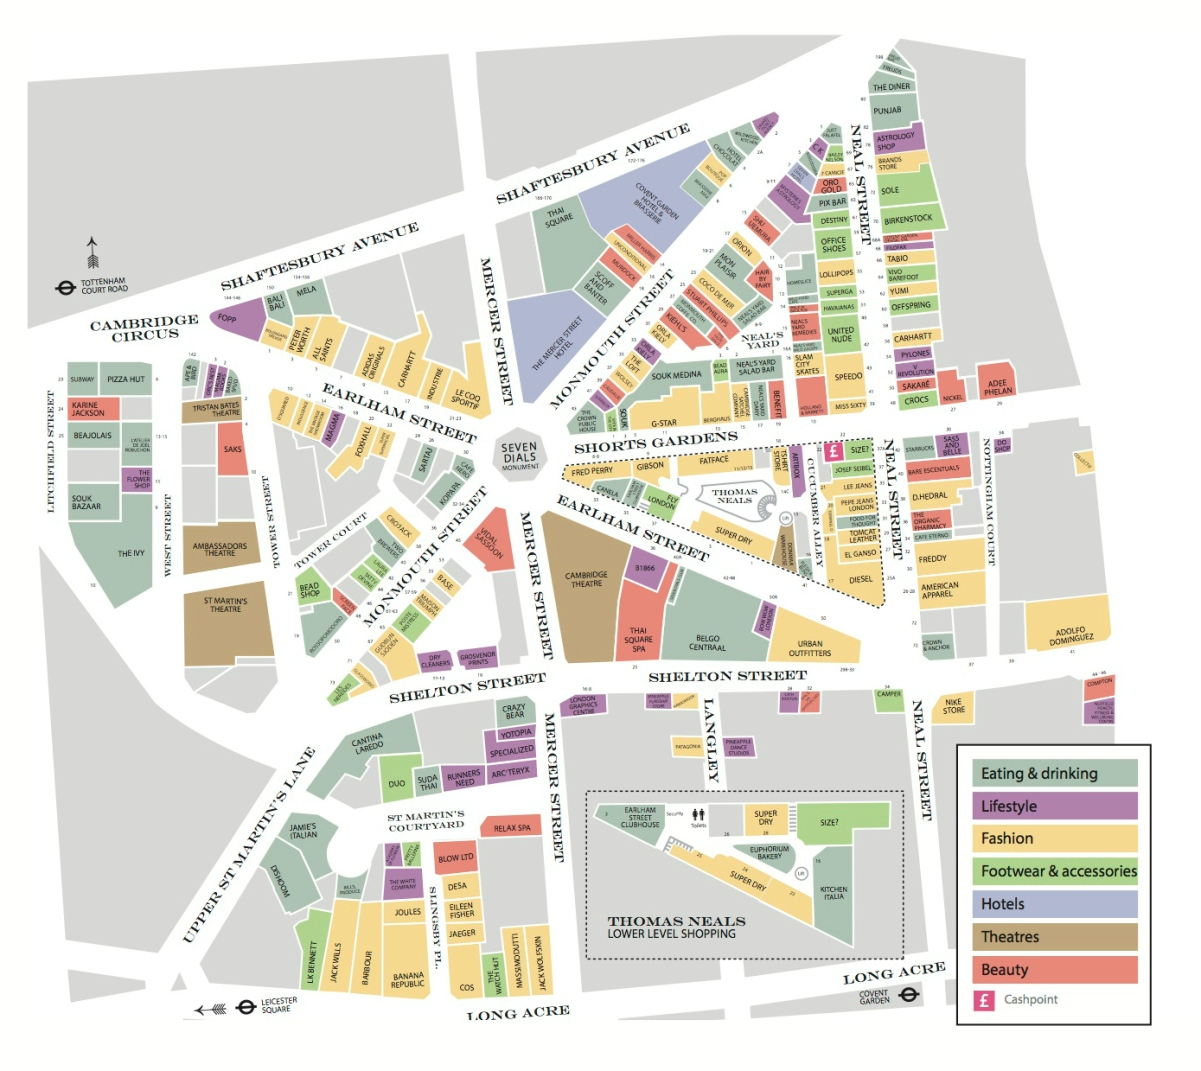 Map of Seven Dials